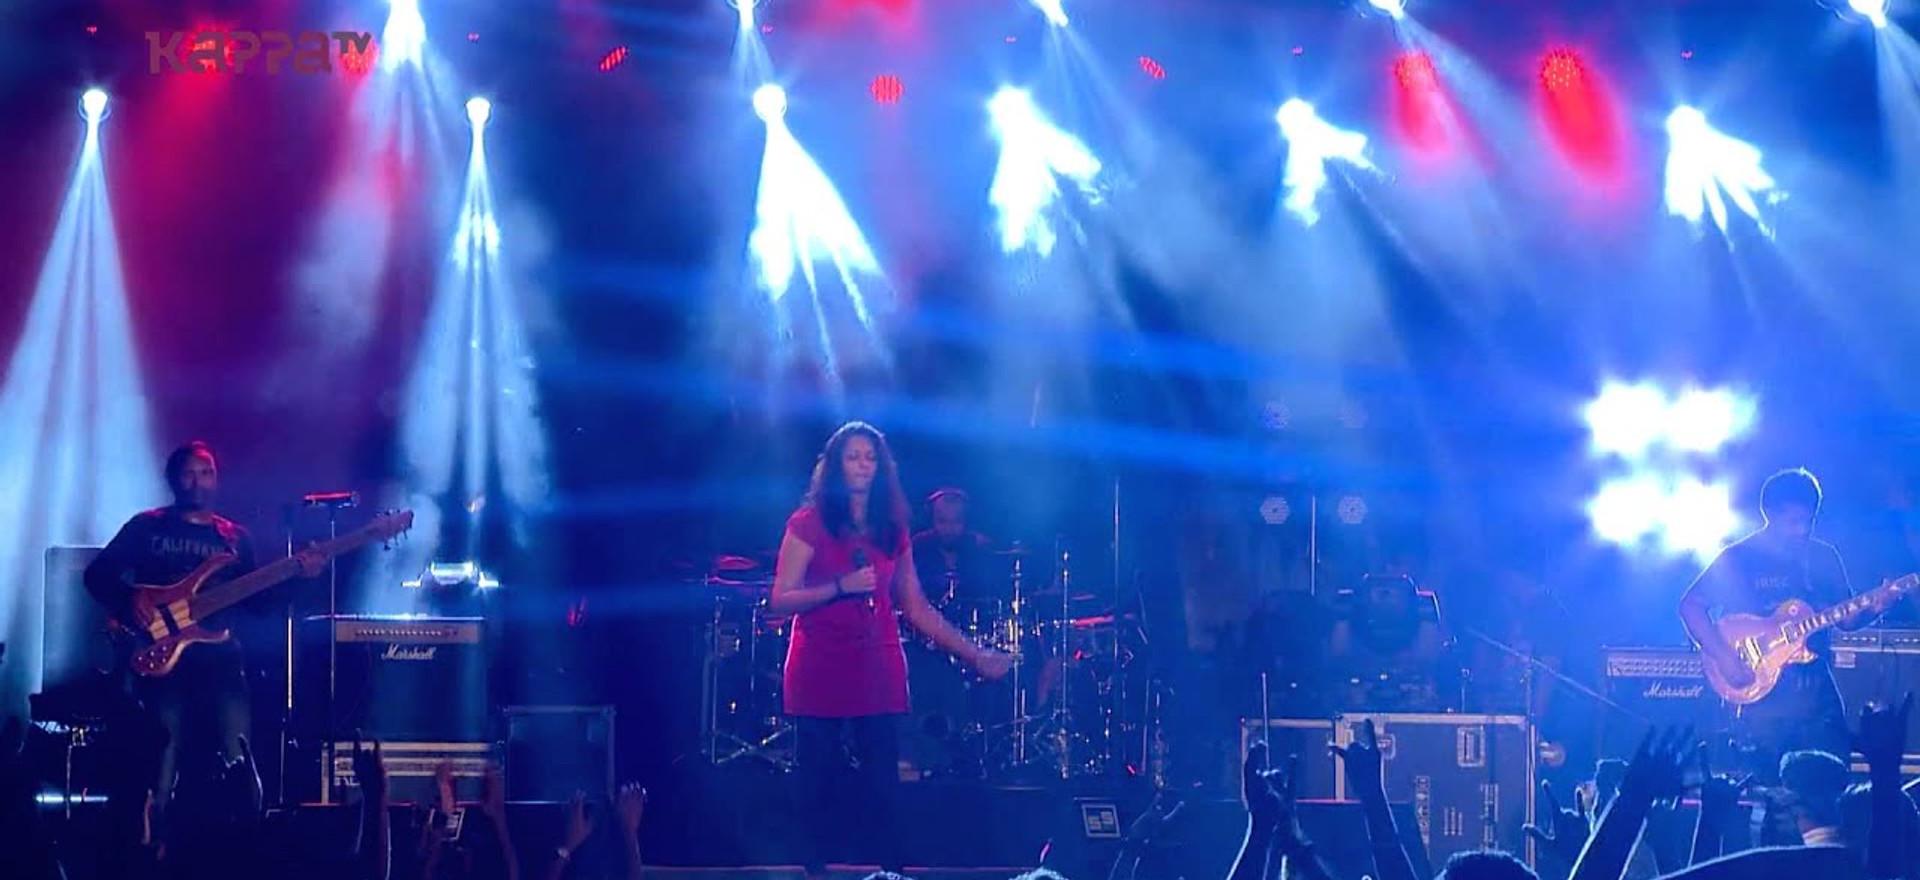 Karukara - Avial Live - KappaTV